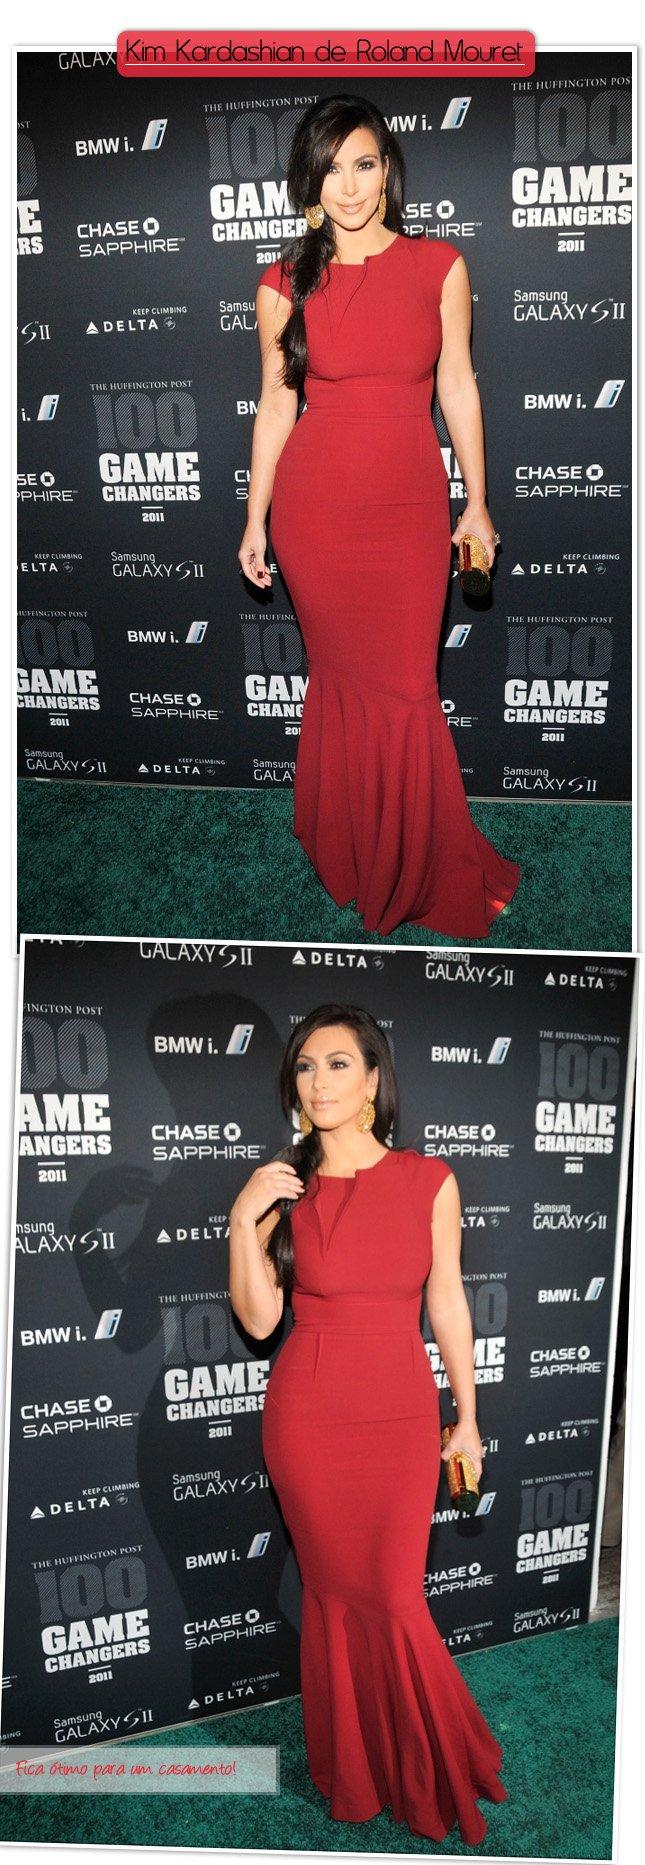 Kim Kardashian de Vestido Vermelho Roland Mouret Look Celebridade